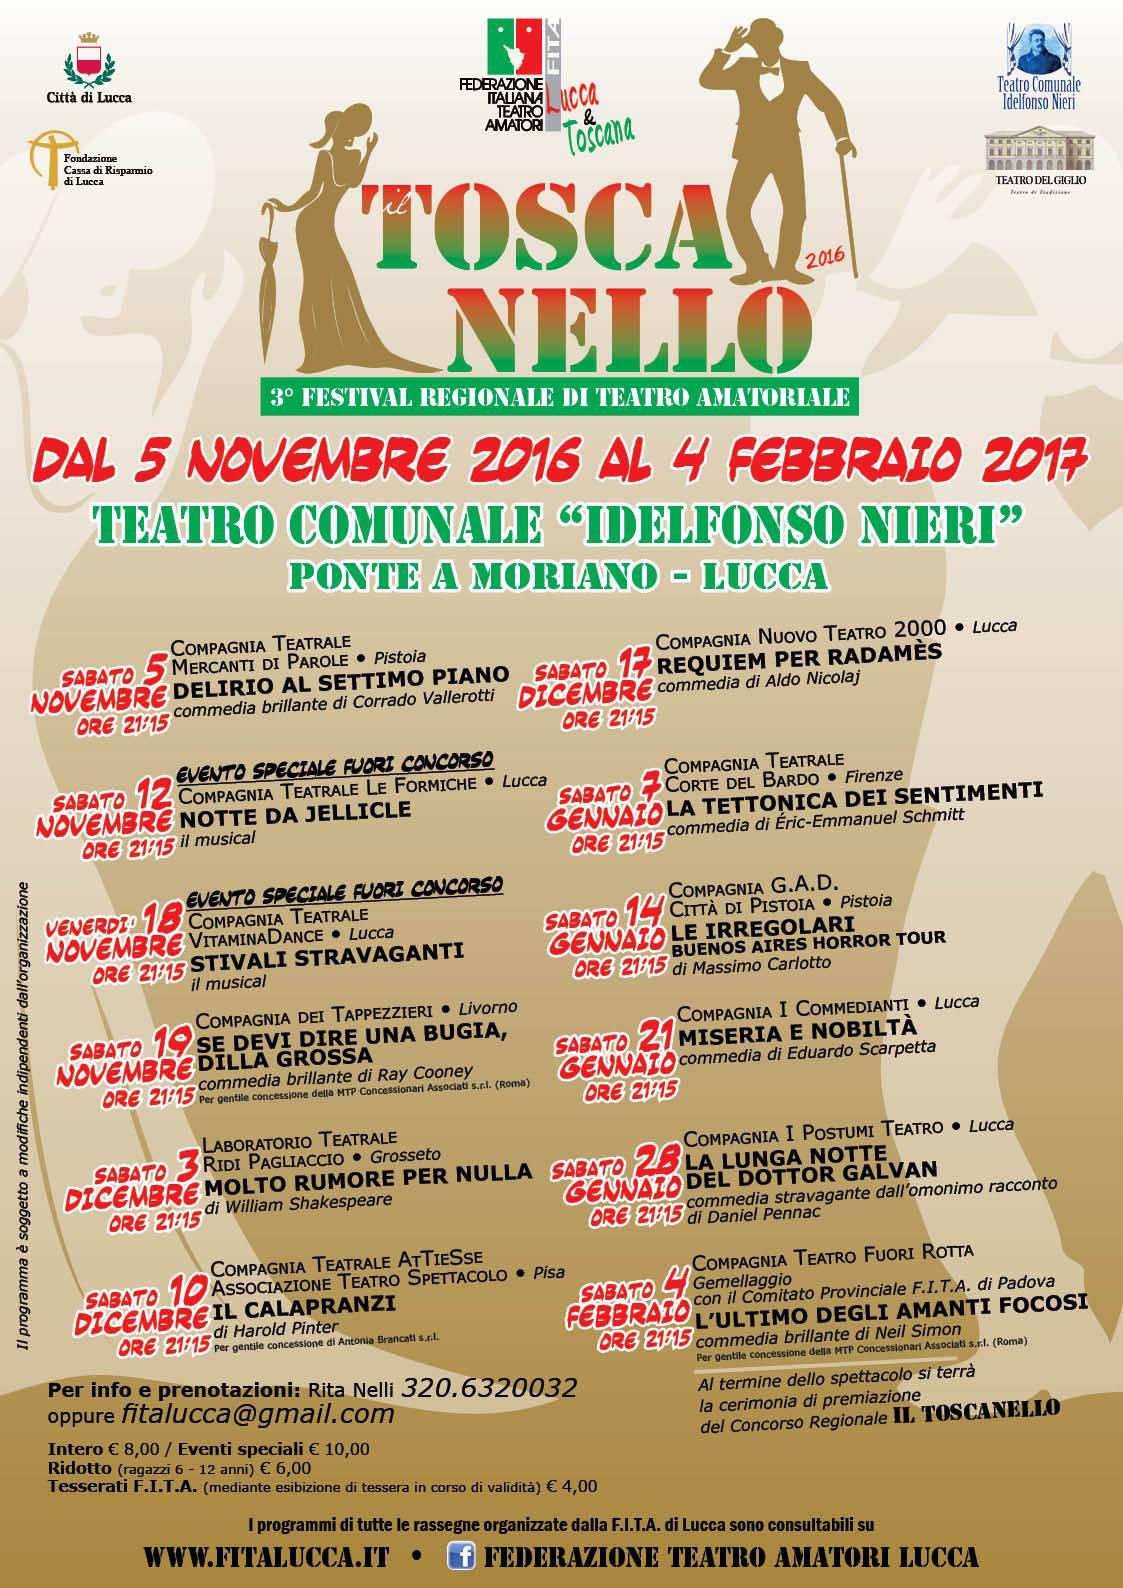 3° Festival Regionale Il Toscanello - locandina